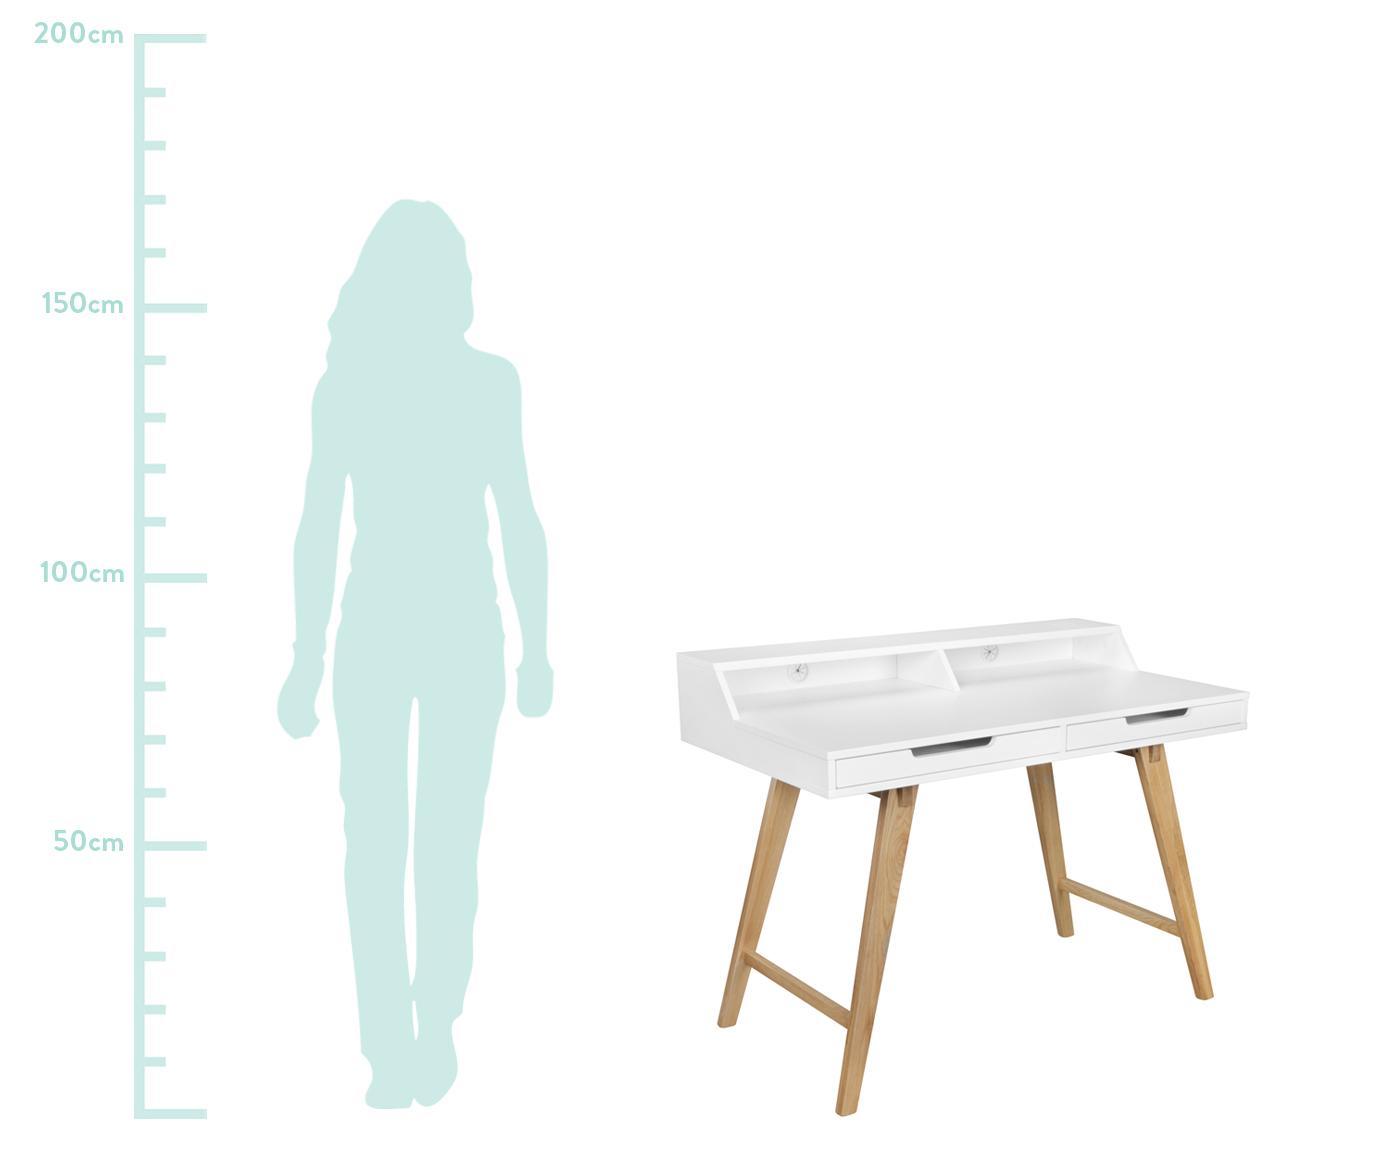 Bureau Skandi in wit met houten poten, Frame: MDF, Poten: massief eikenhout, Wit, eikenhoutkleurig, 110 x 85 cm